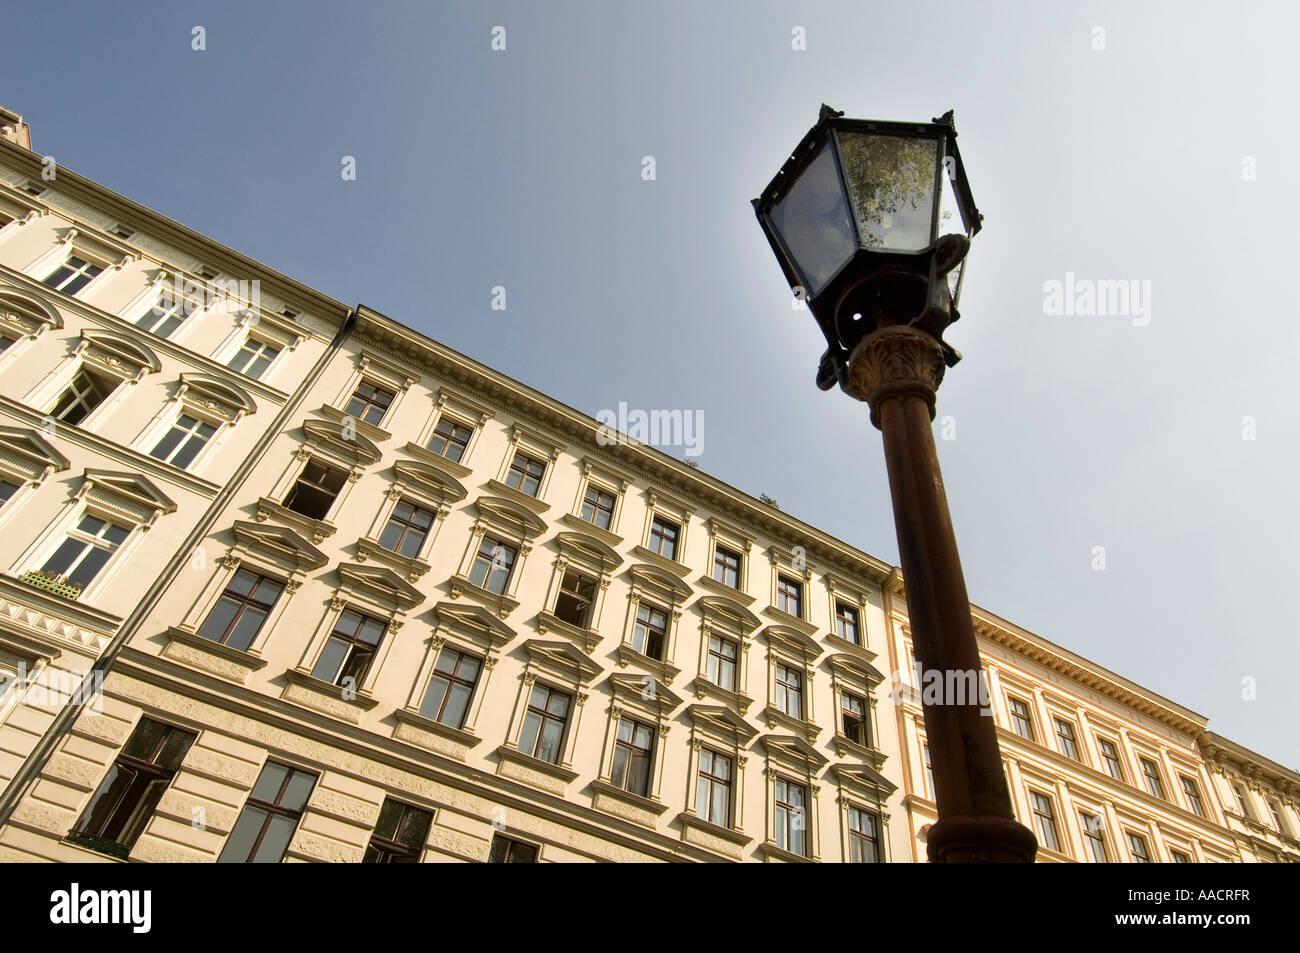 Façades de bâtiments anciens, Kreuzberg, Berlin, Allemagne Photo Stock